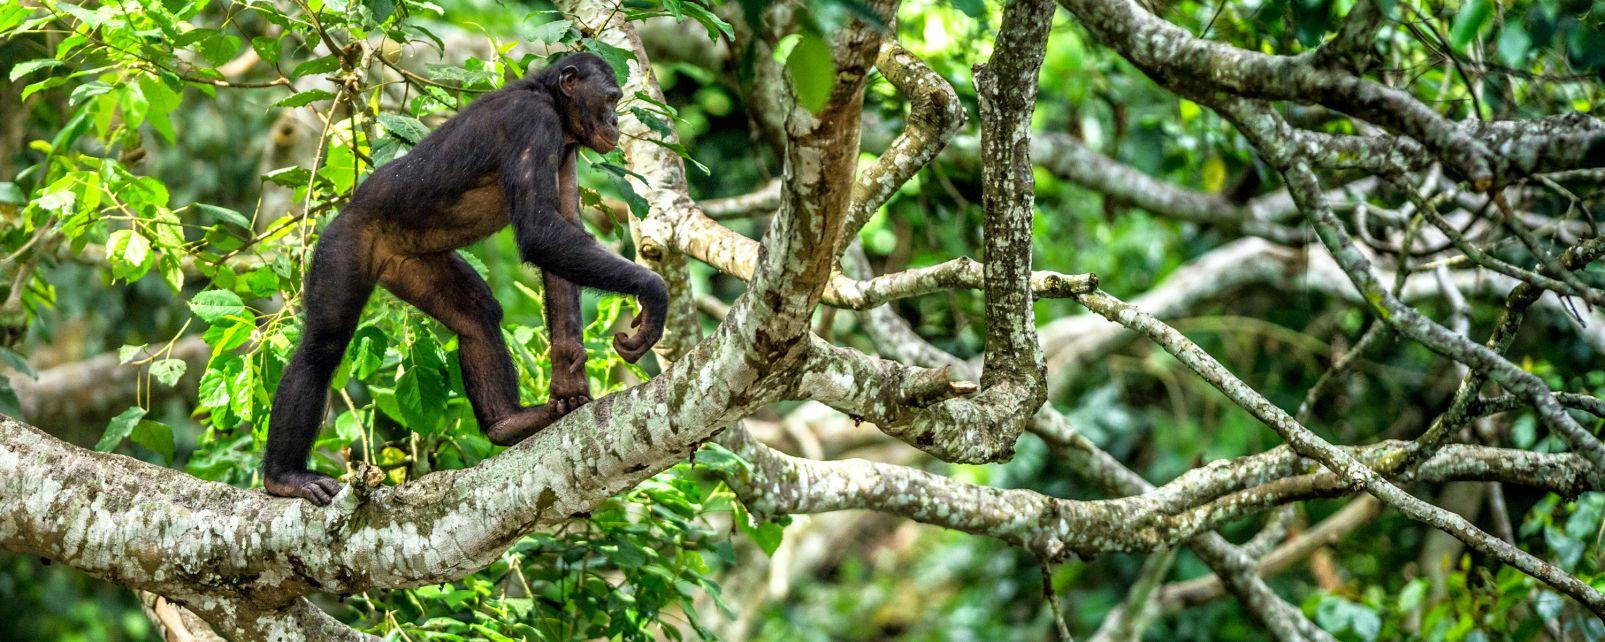 , La flora, Fauna y flora, República Democrática del Congo